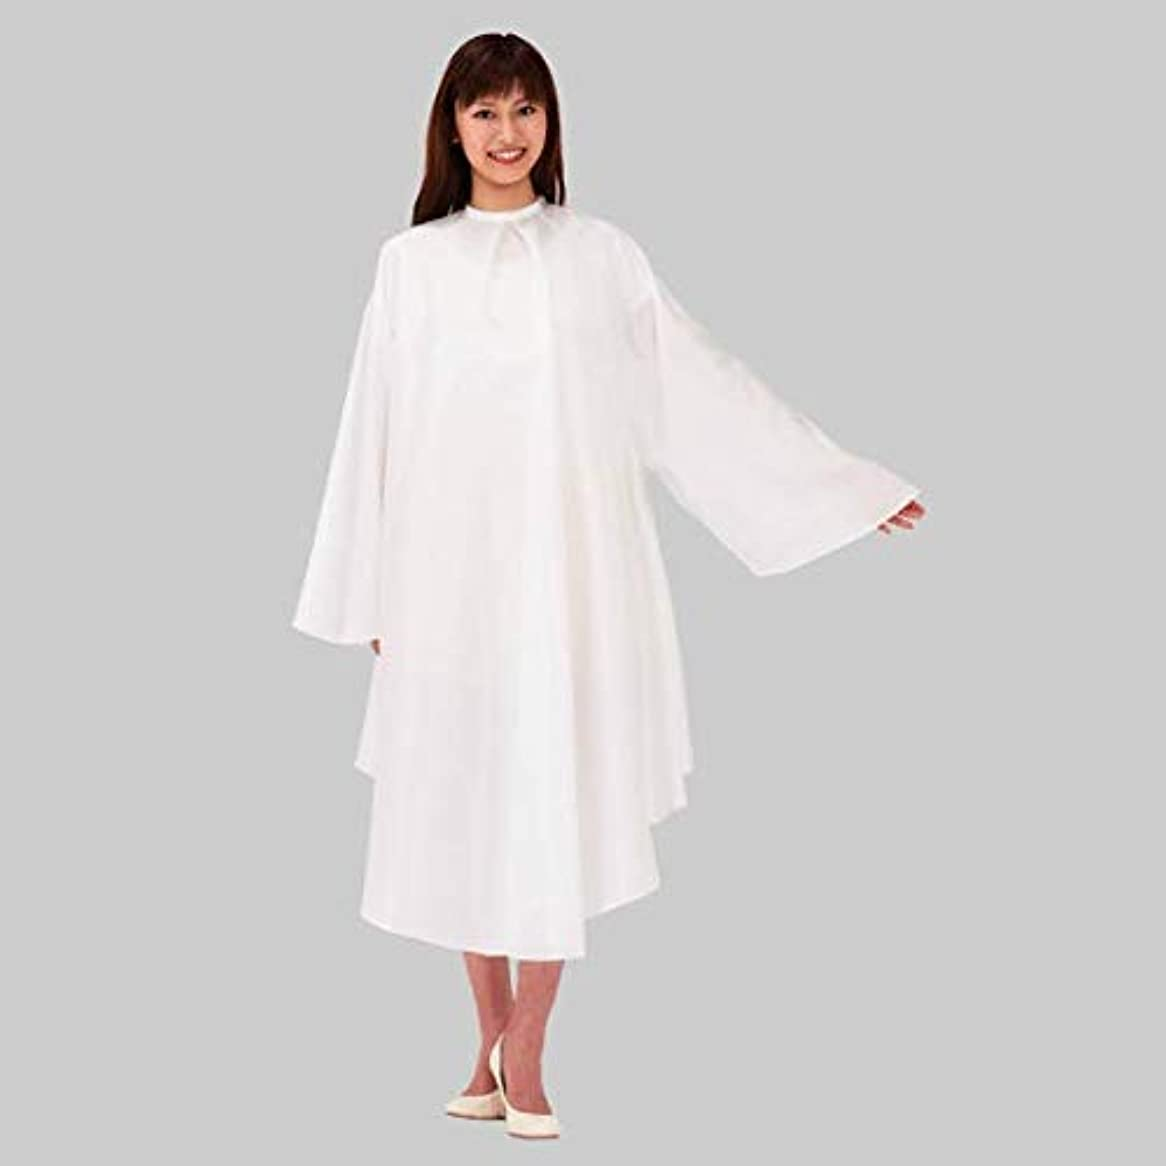 ウォーターフロント読む大量カトレア 2210 ホワイト ソフティ袖付刈布